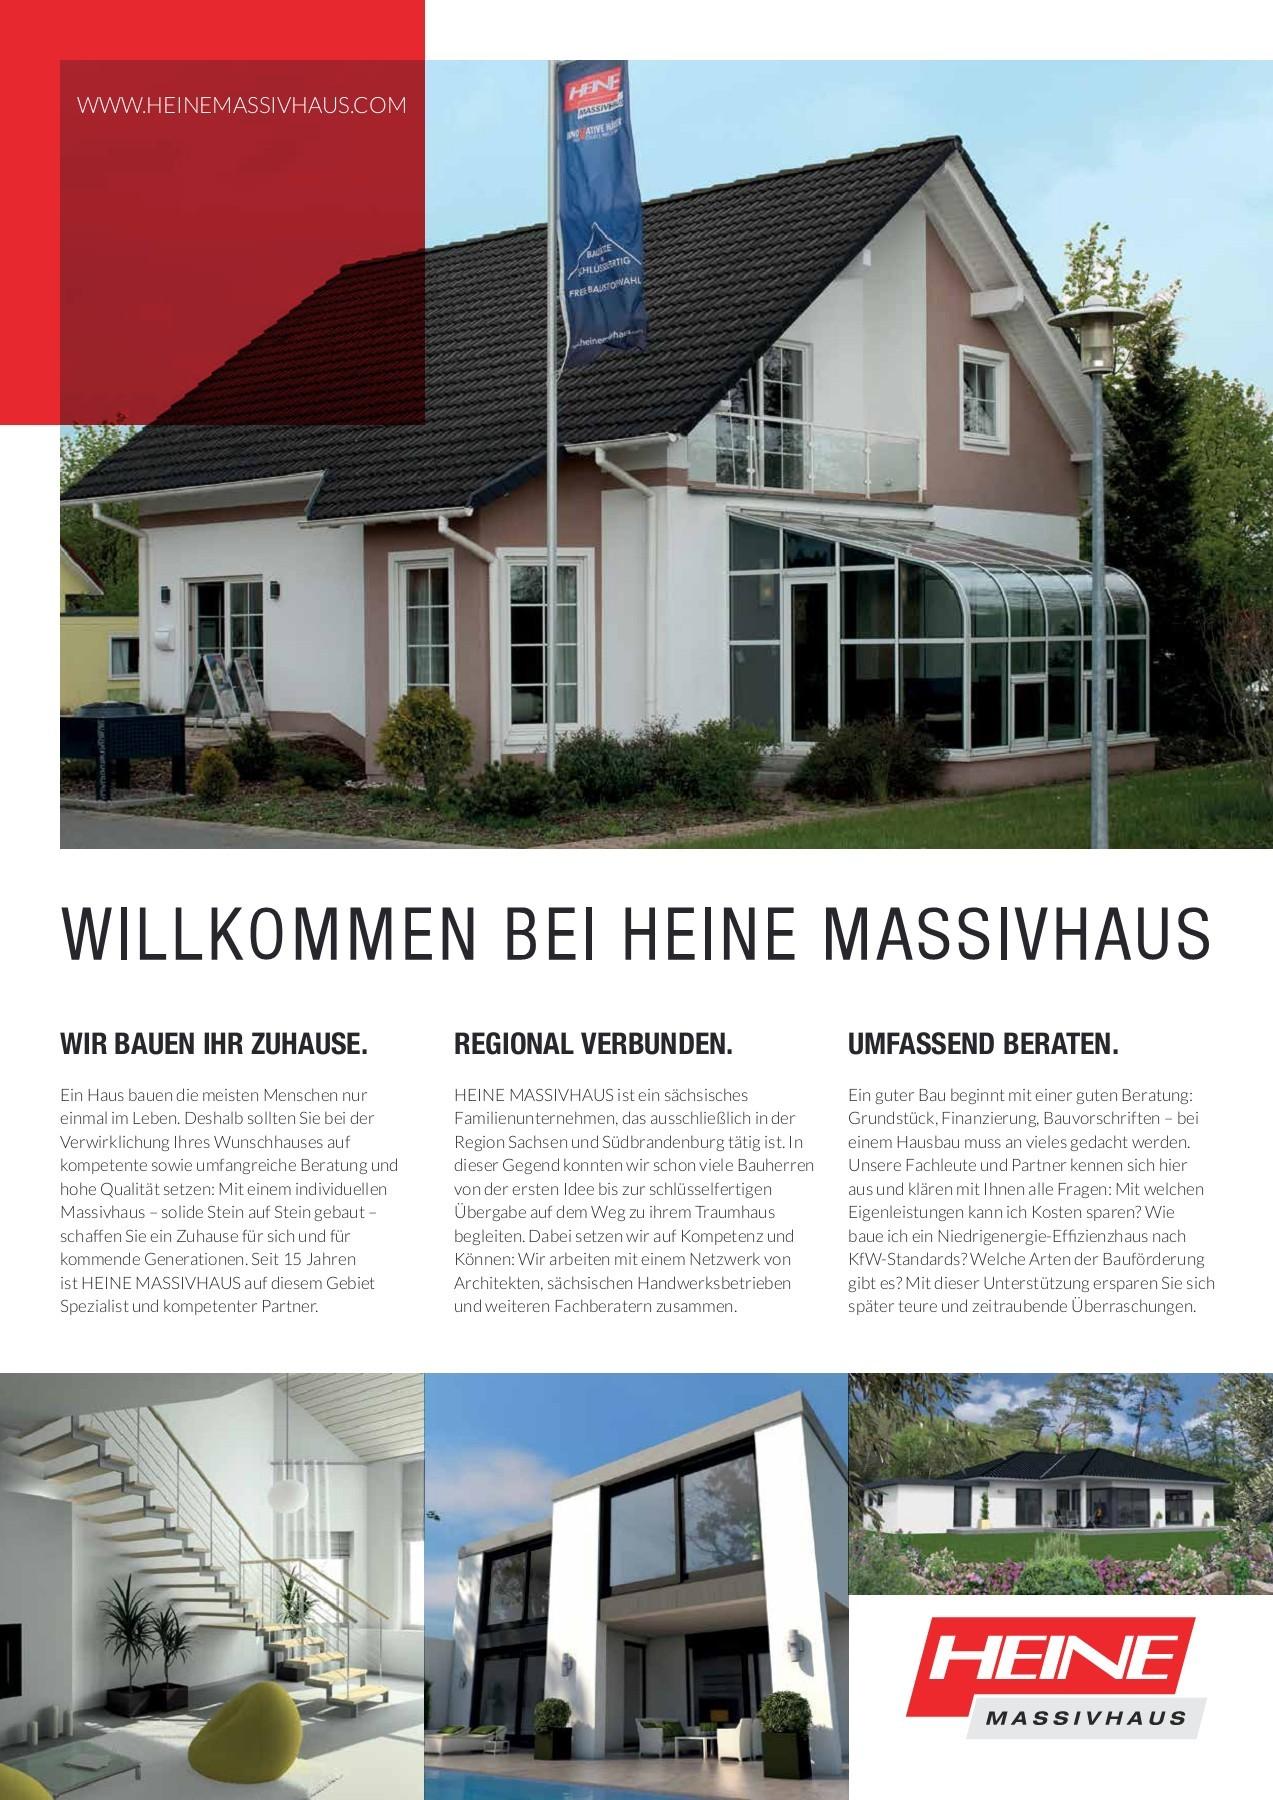 Heine Massivhaus Imagebroschüre | Fliphtml5